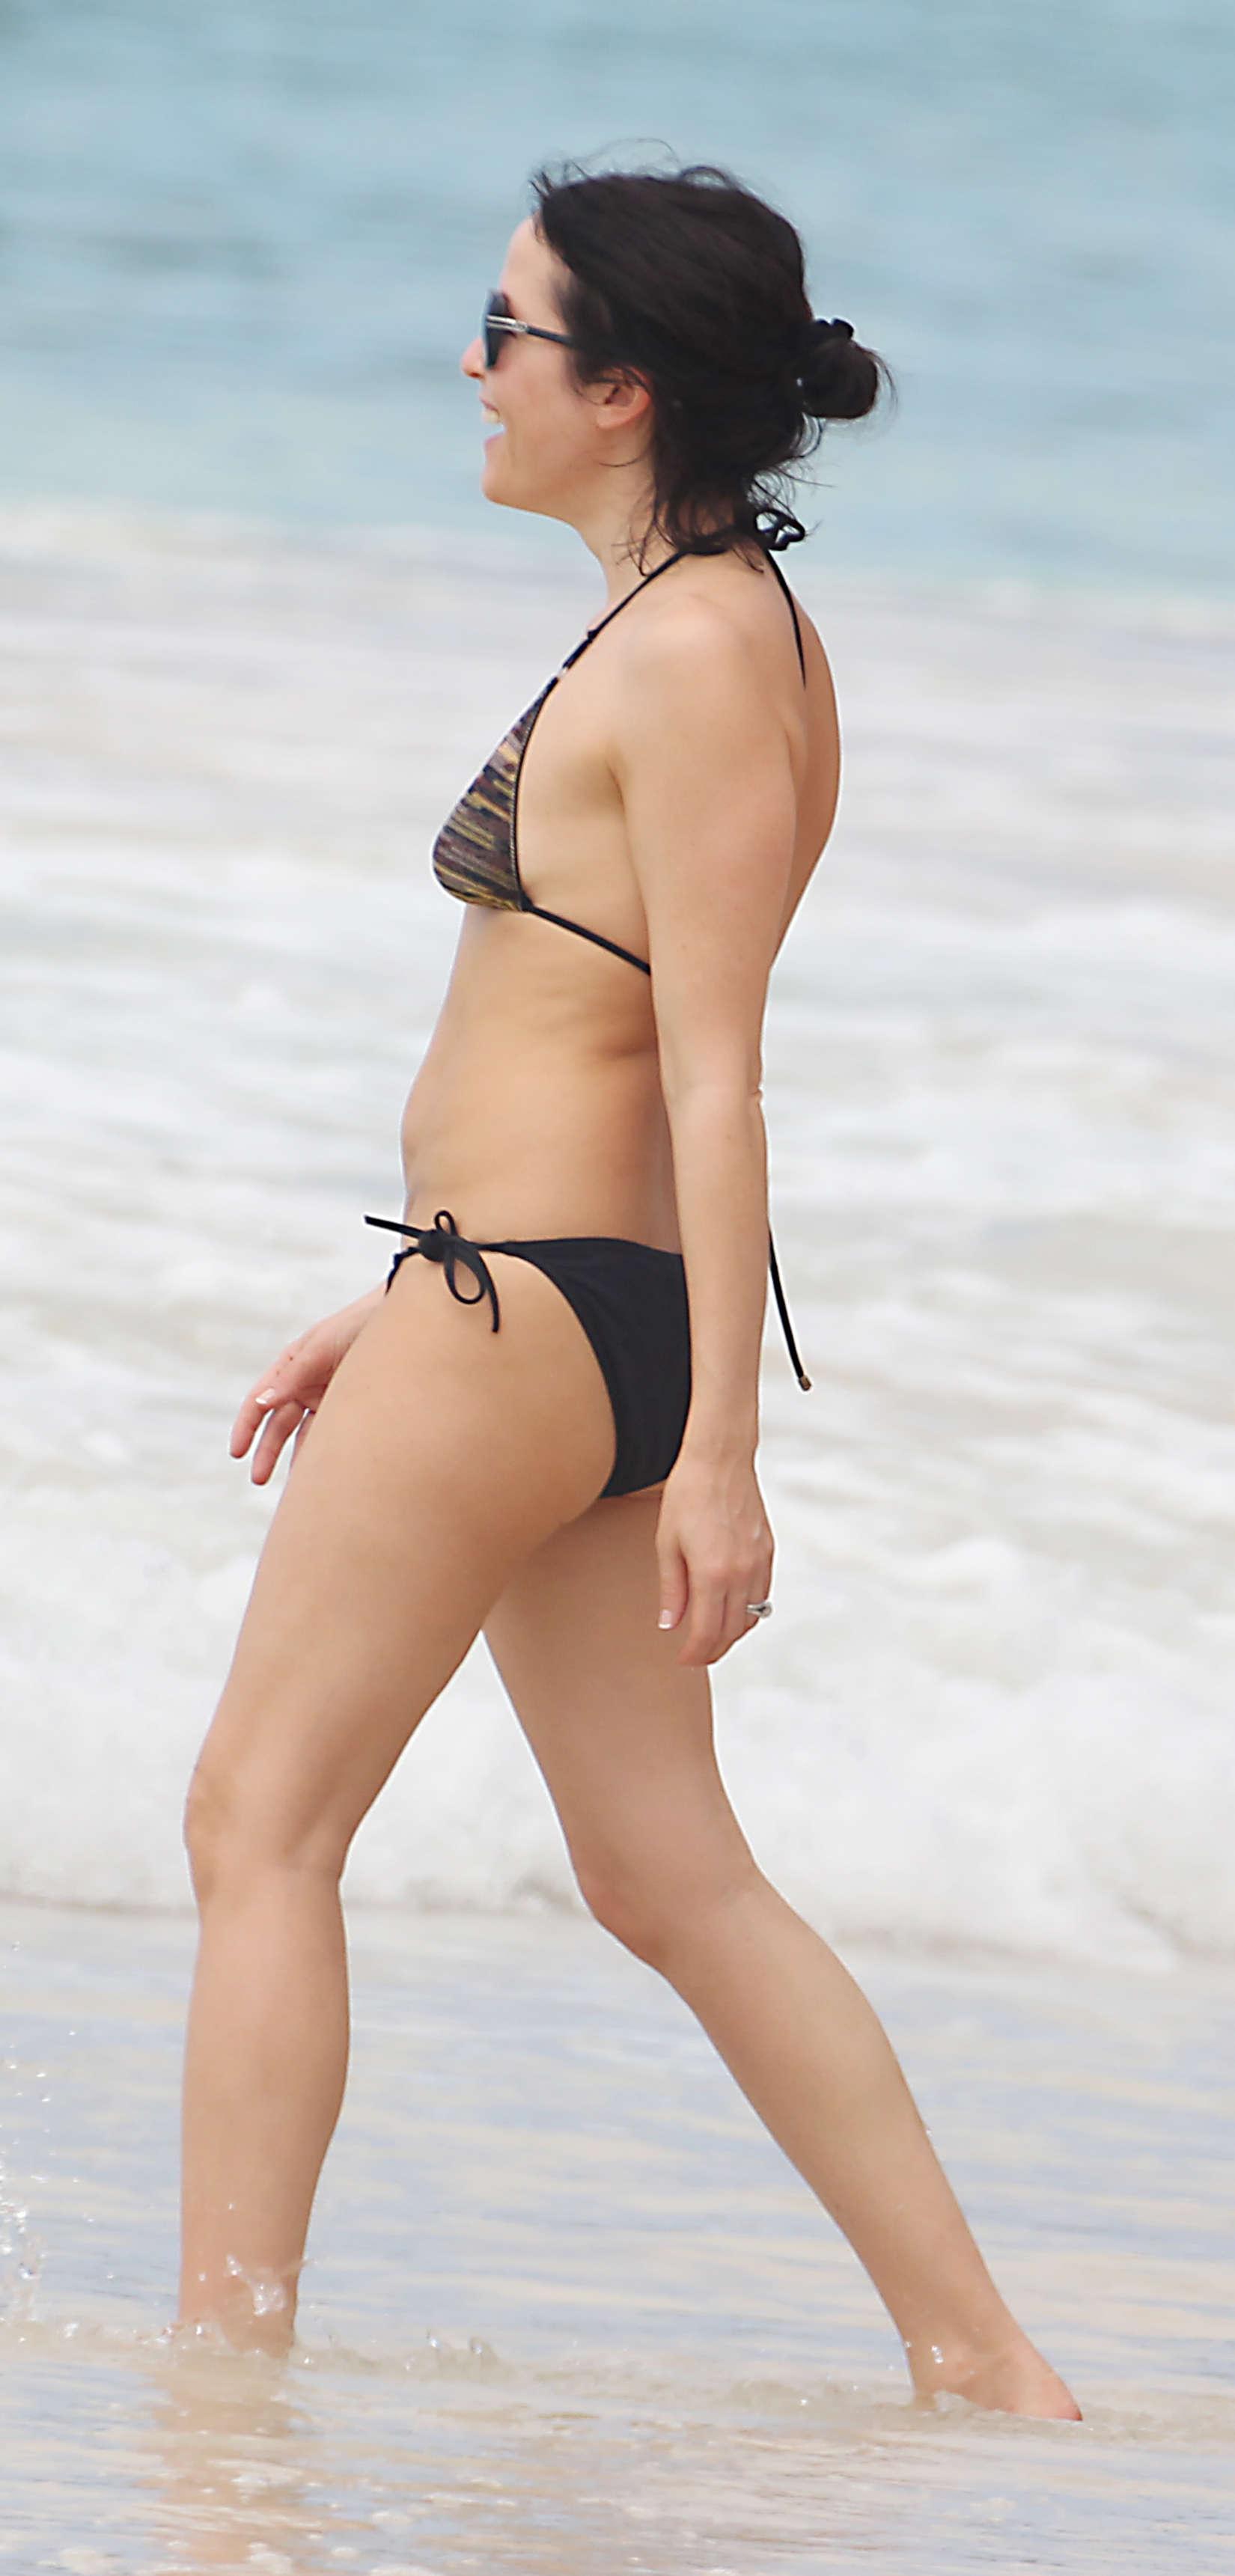 Andrea Corr 2013 : Andrea Corr – Bikini Candids on holiday in Barbados-07